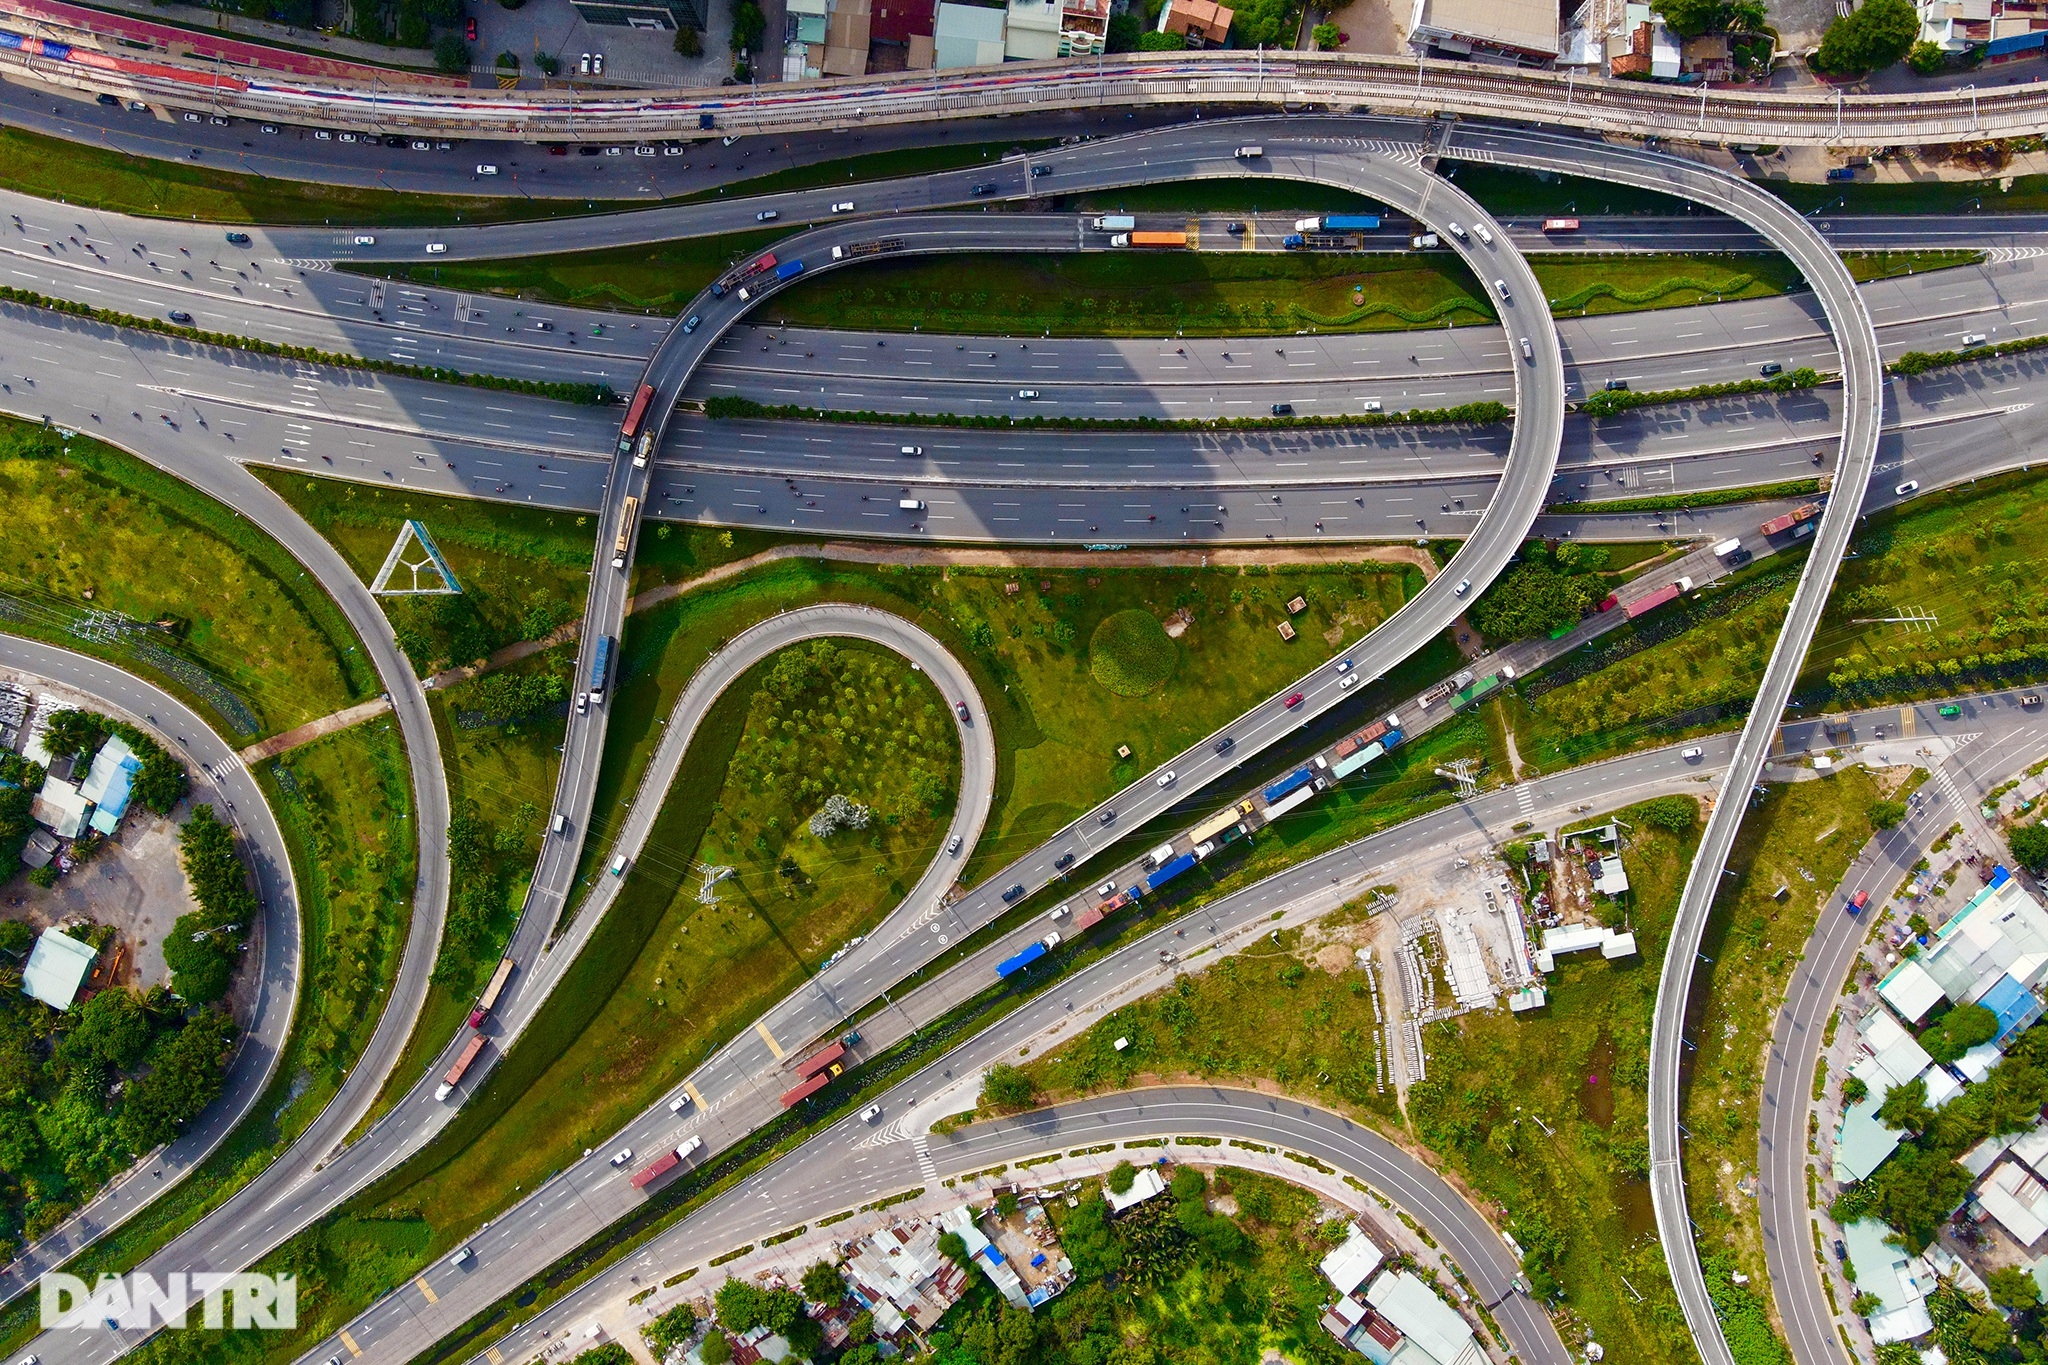 Thành phố Hồ Chí Minh - Vẻ đẹp của một Siêu đô thị hiện đại - 10